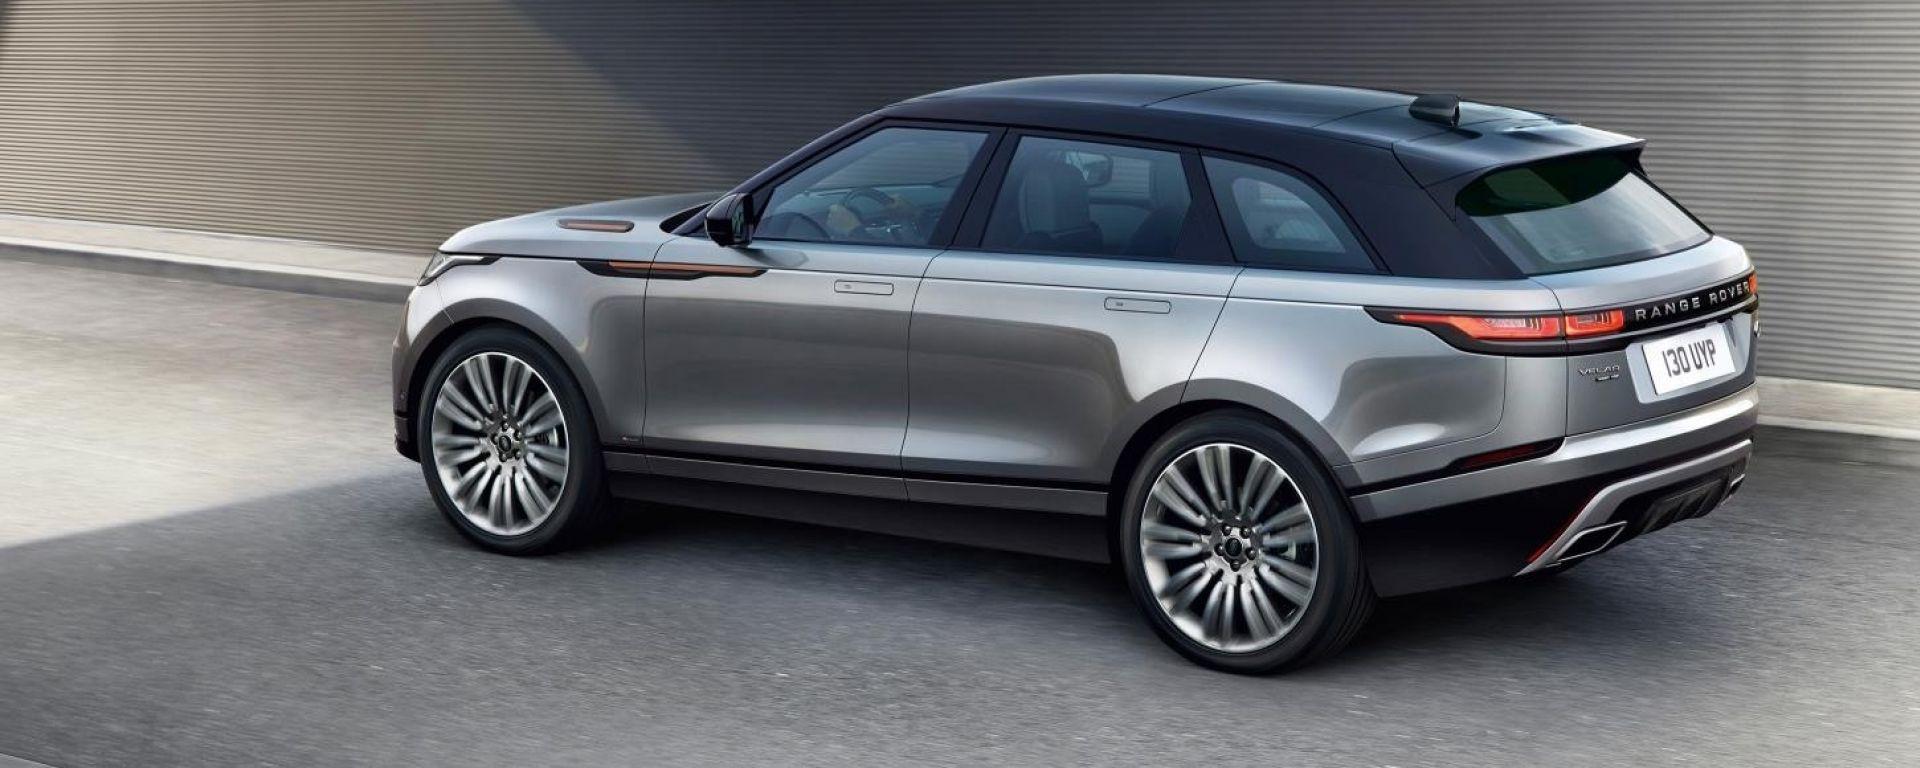 Range Rover Velar, la nuova suvcoupé inglese